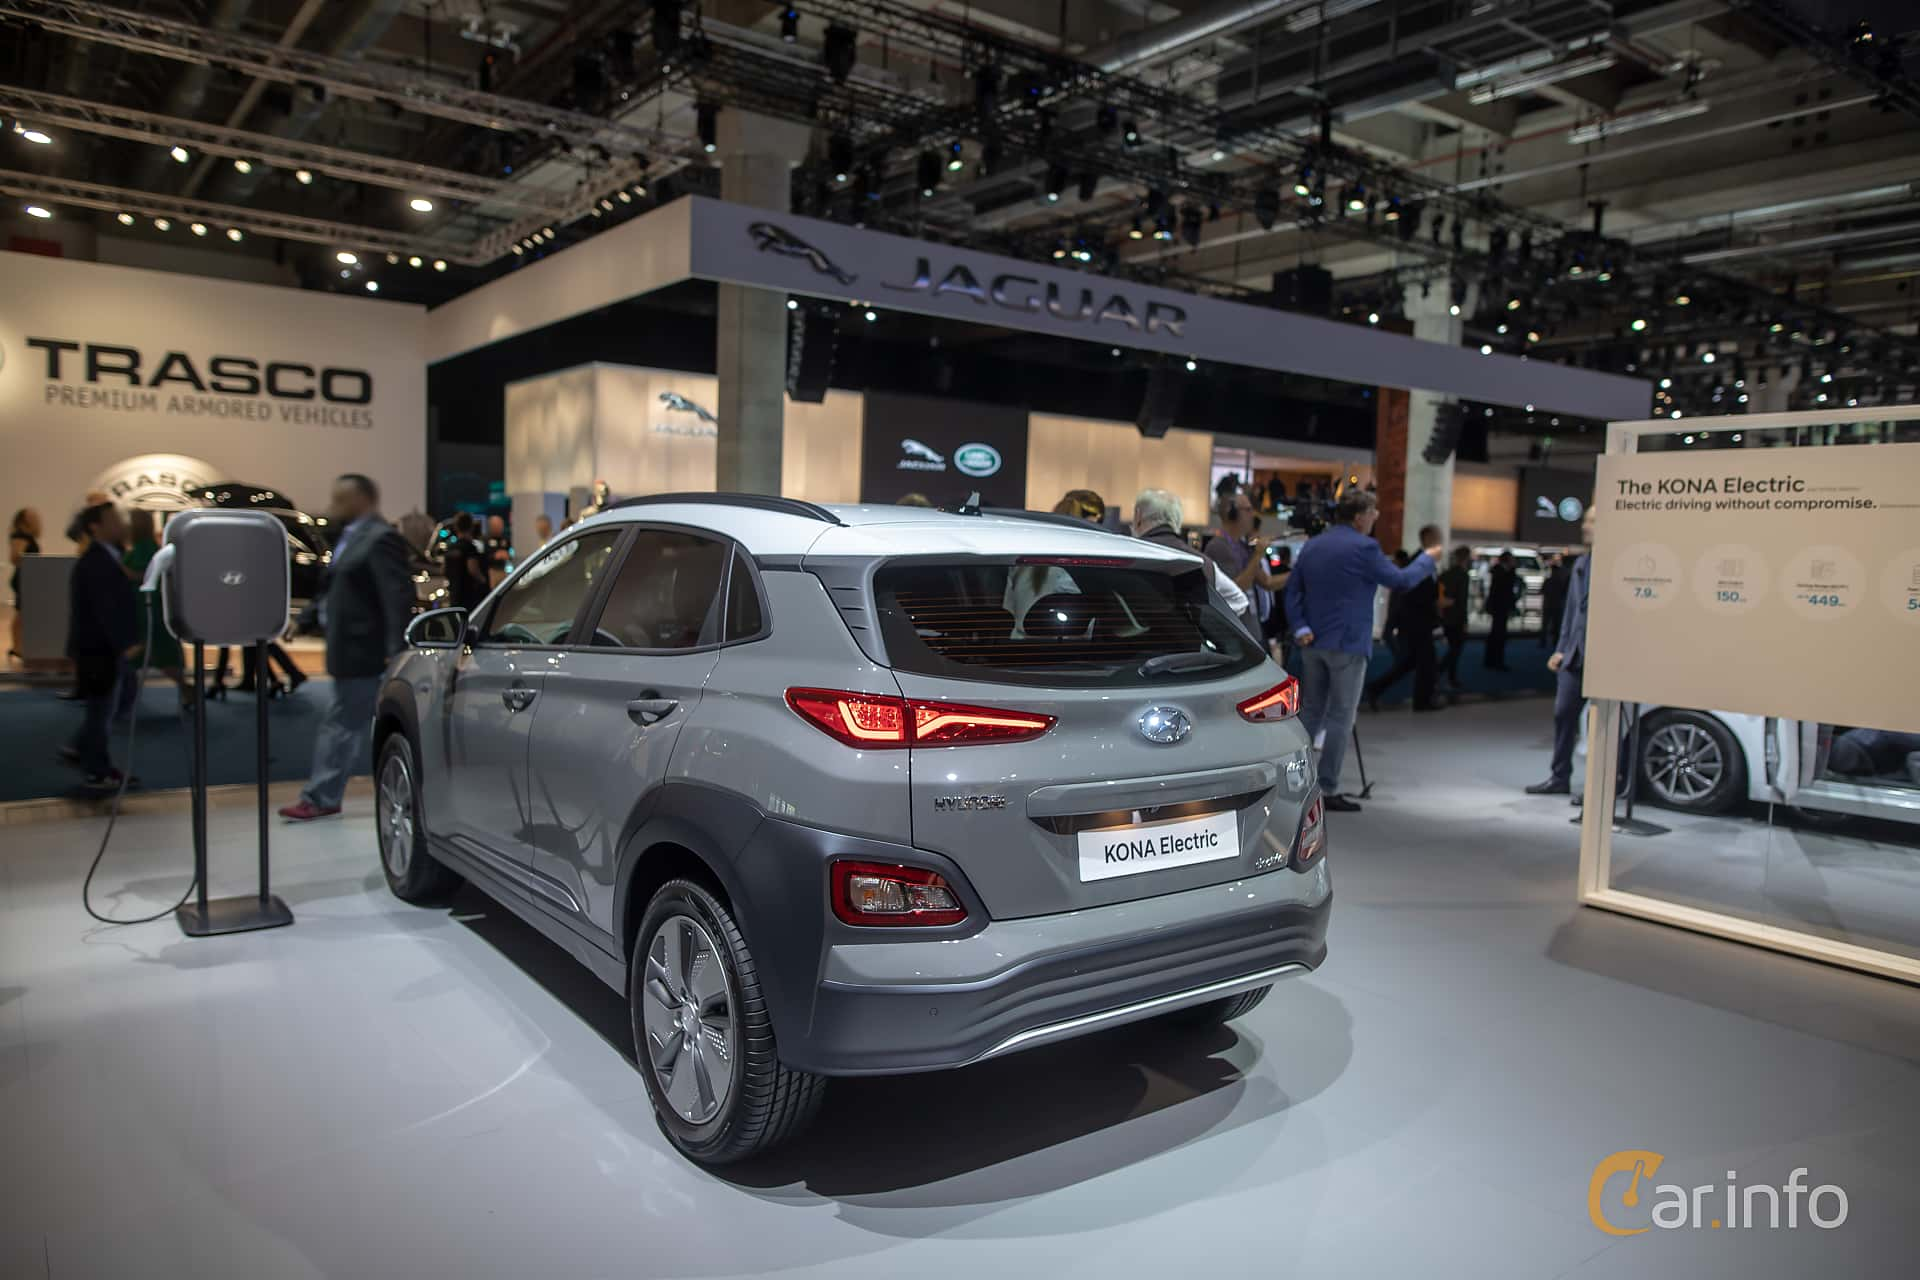 Hyundai Kona Electric 64 kWh Single Speed, 204hp, 2020 at IAA 2019